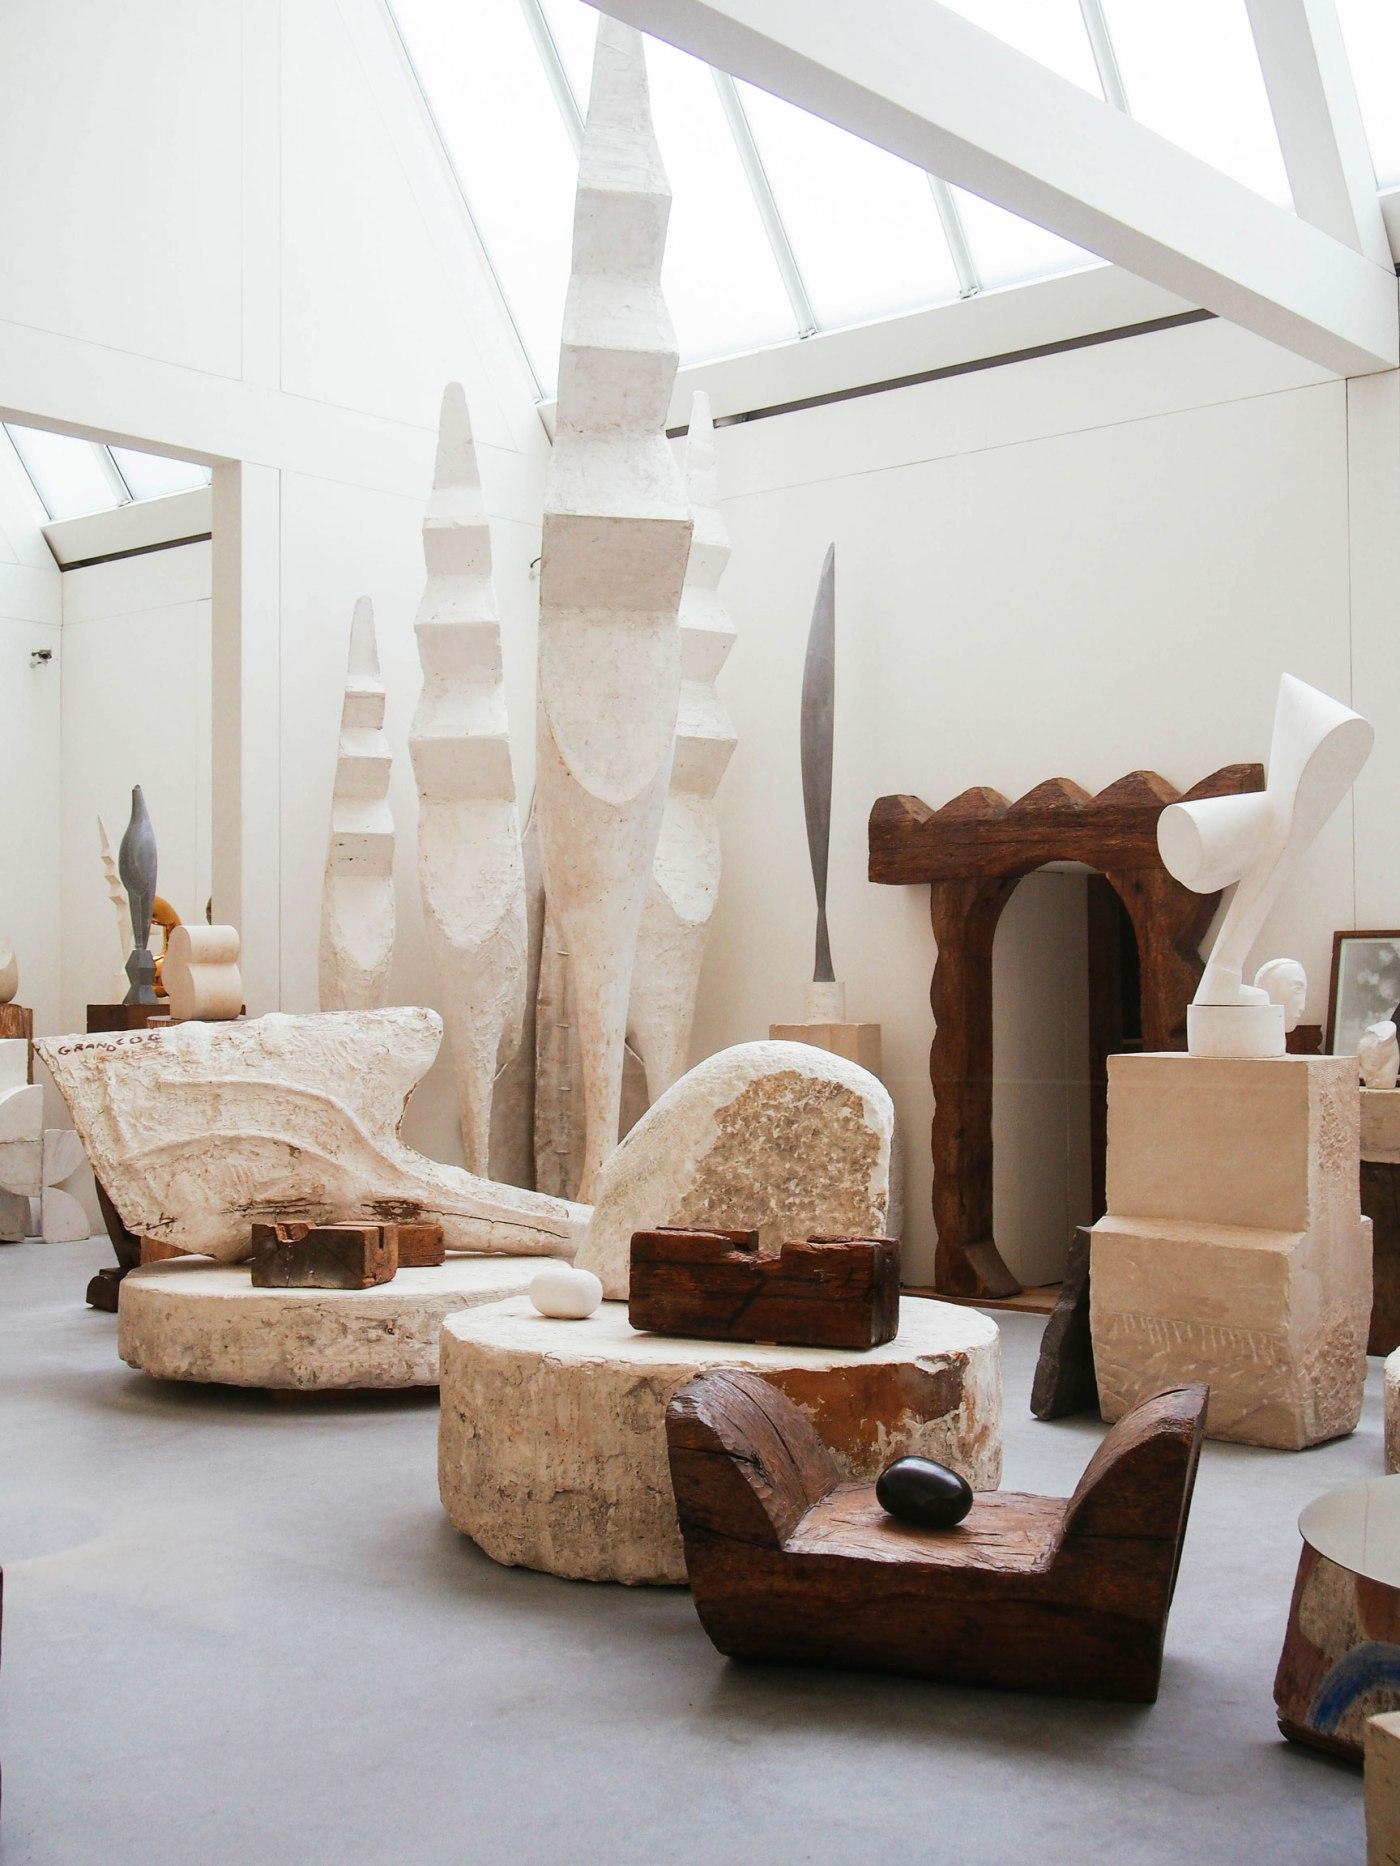 atelier-brancusi-paris-jennifer-ring-31